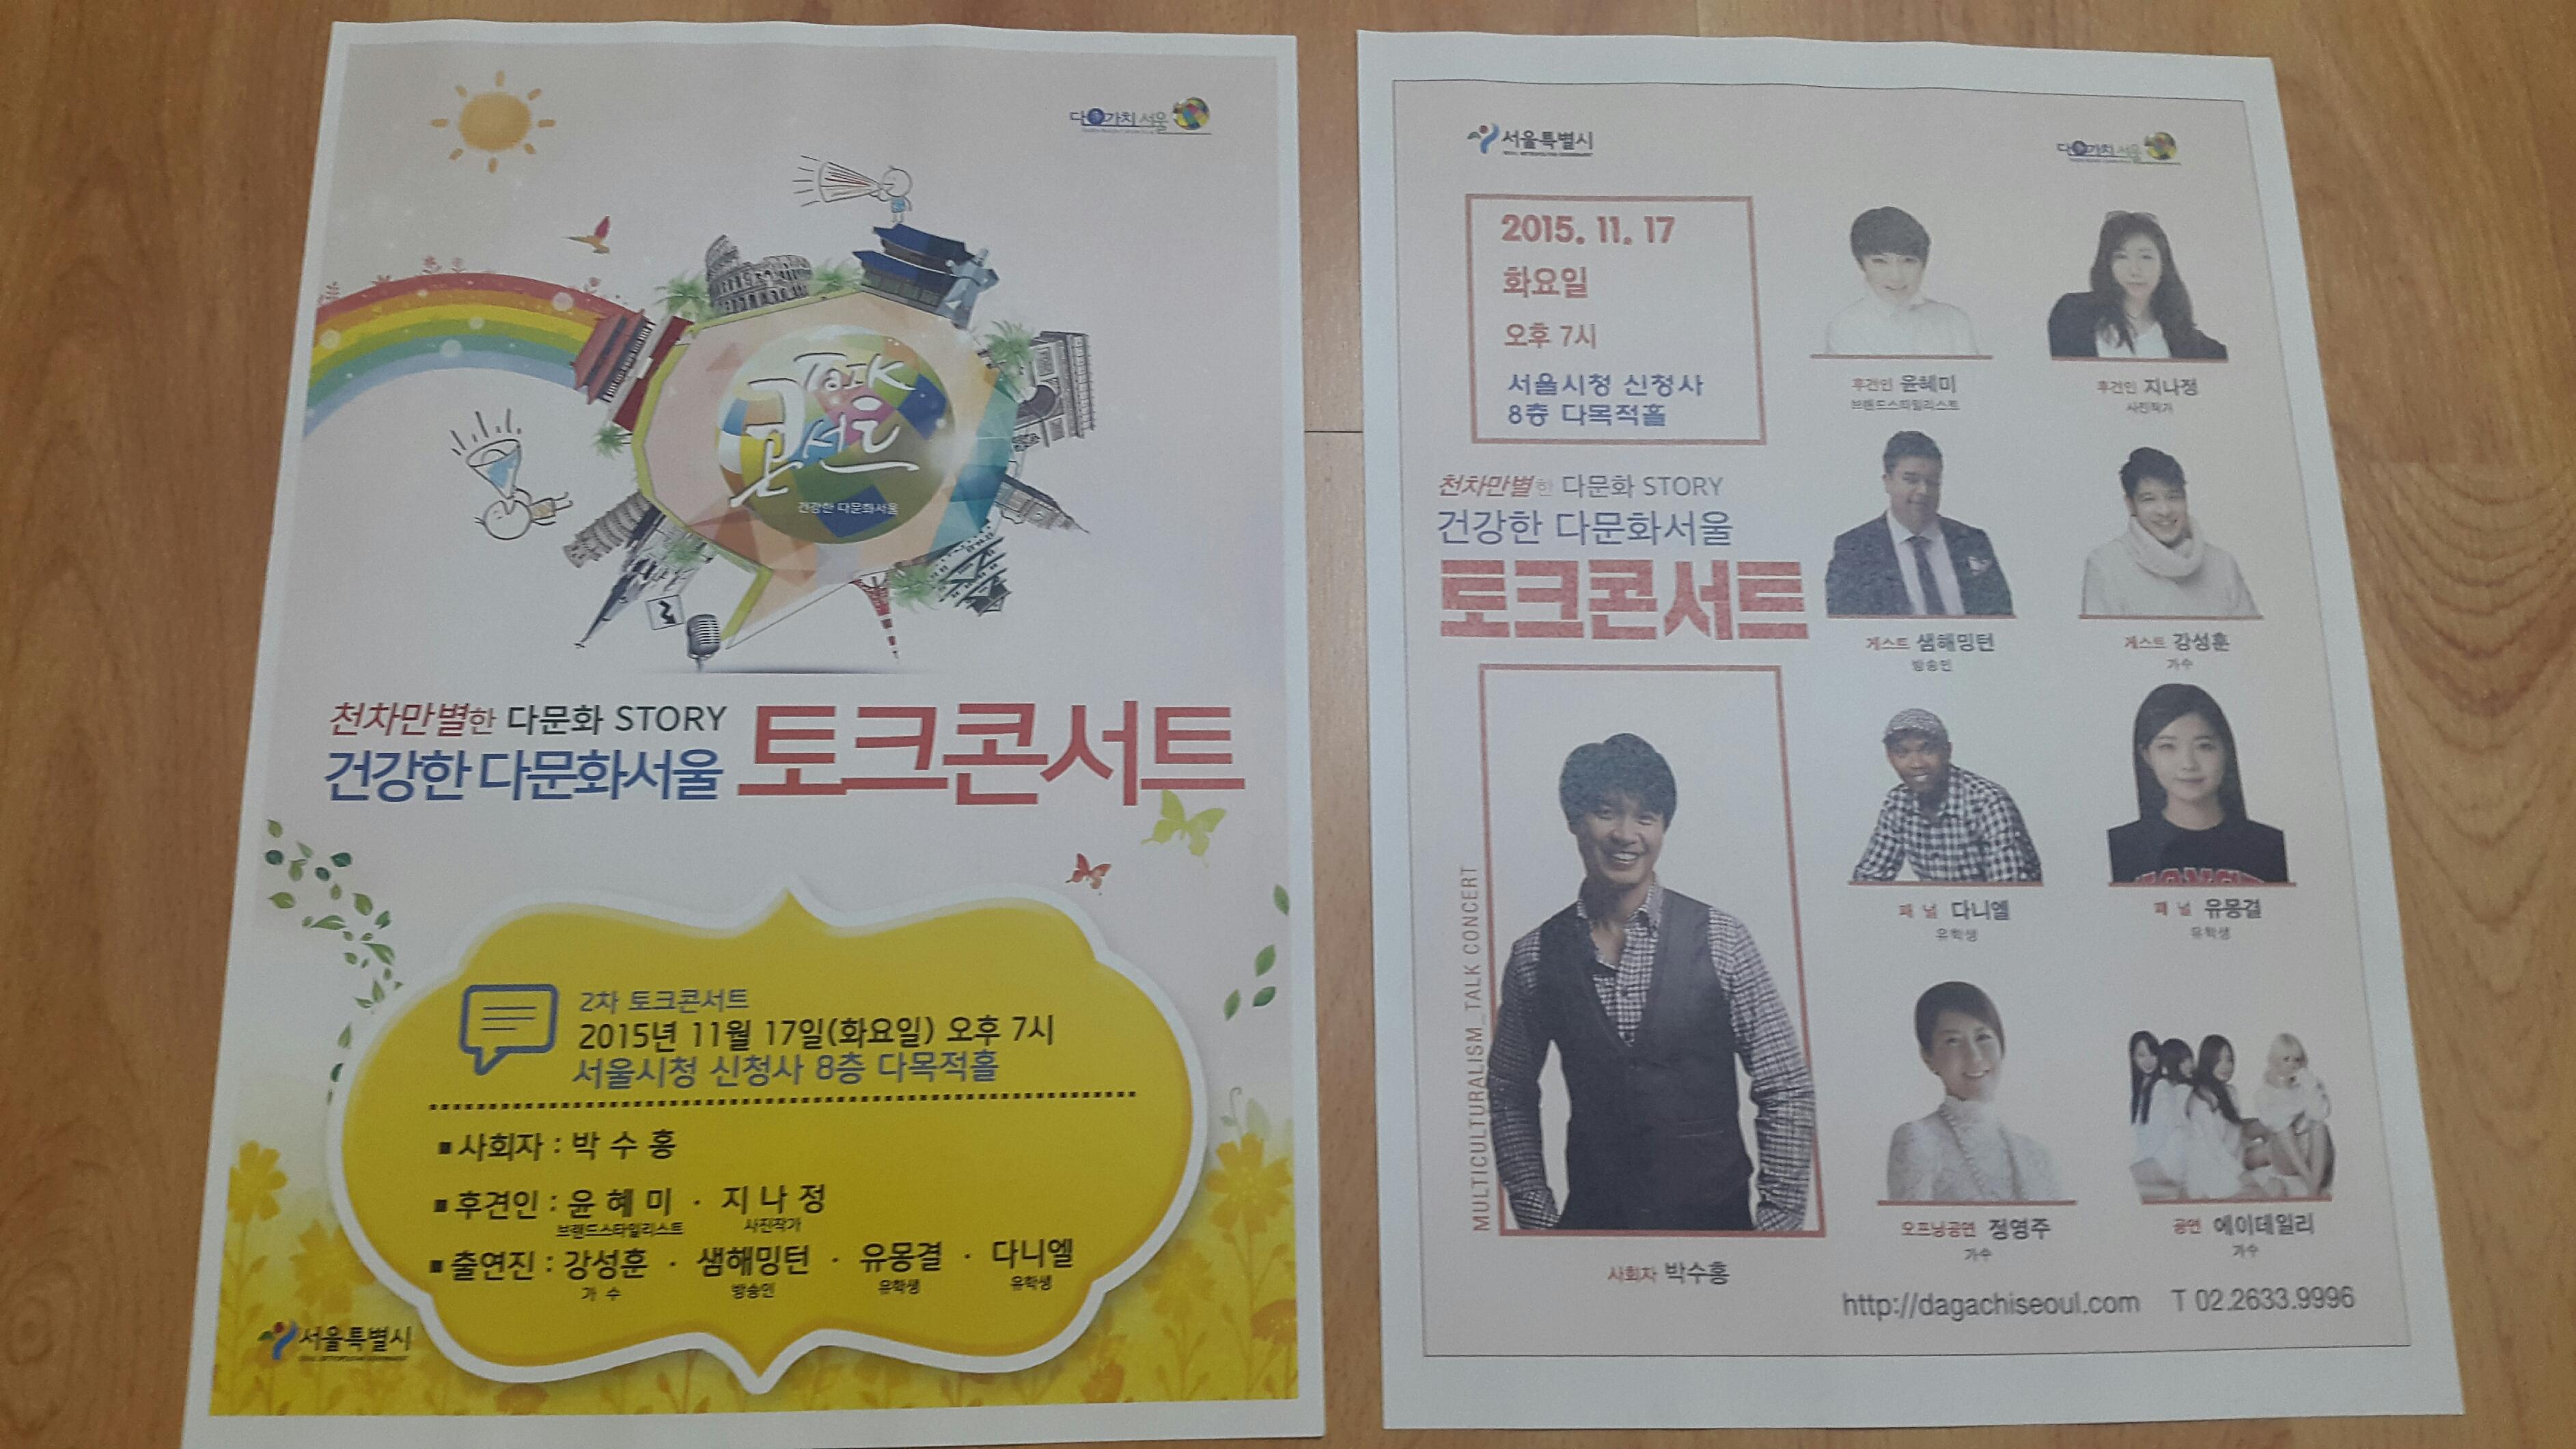 多価値ソウルコンサート 다가치 서울 토크콘서트